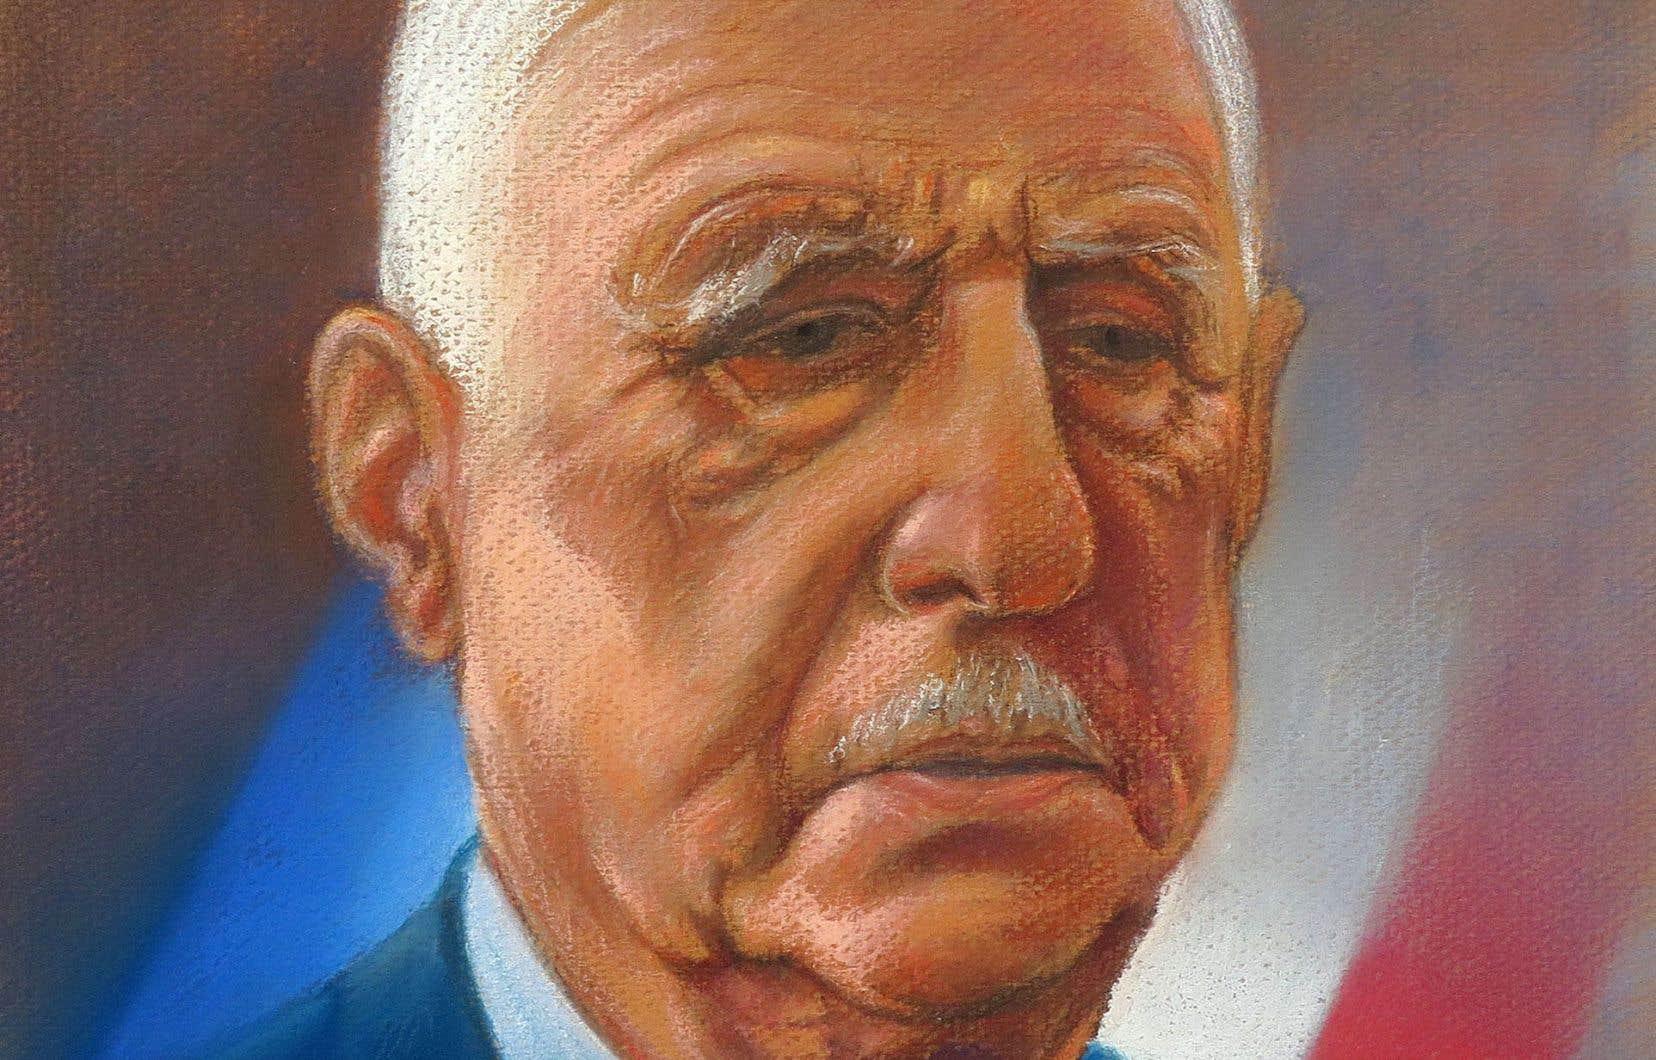 Le général de Gaulle avait compris que la liberté, pour la France, ce n'était pas uniquement d'être libre physiquement de l'occupation militaire, mais aussi d'être libre d'agir, de penser dans sa propre logique, pour elle-même et par elle-même.